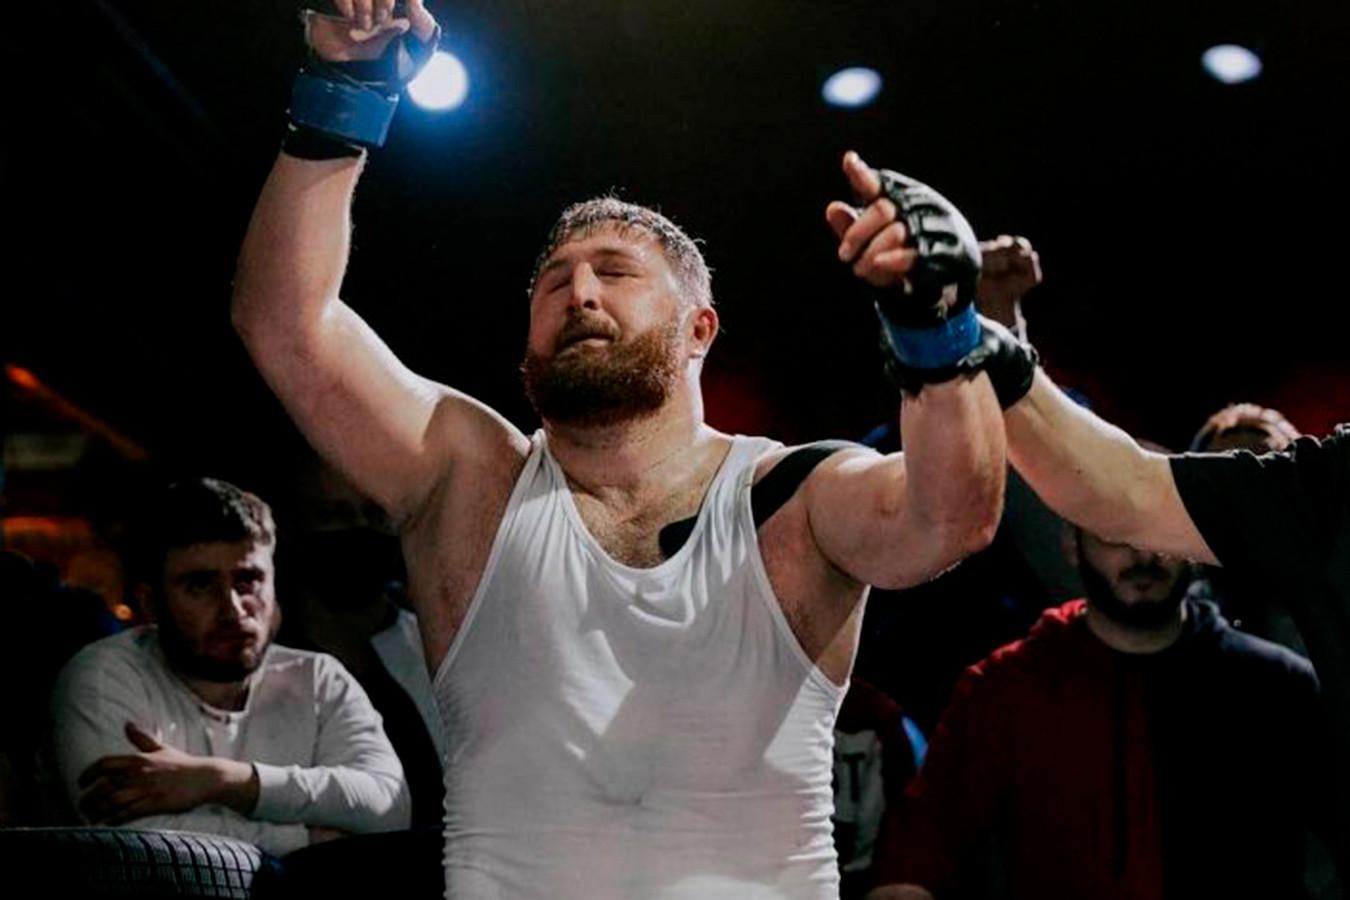 Хотел разнять драчунов, получил ножом в грудь. Подробности убийства чемпиона мира по ММА